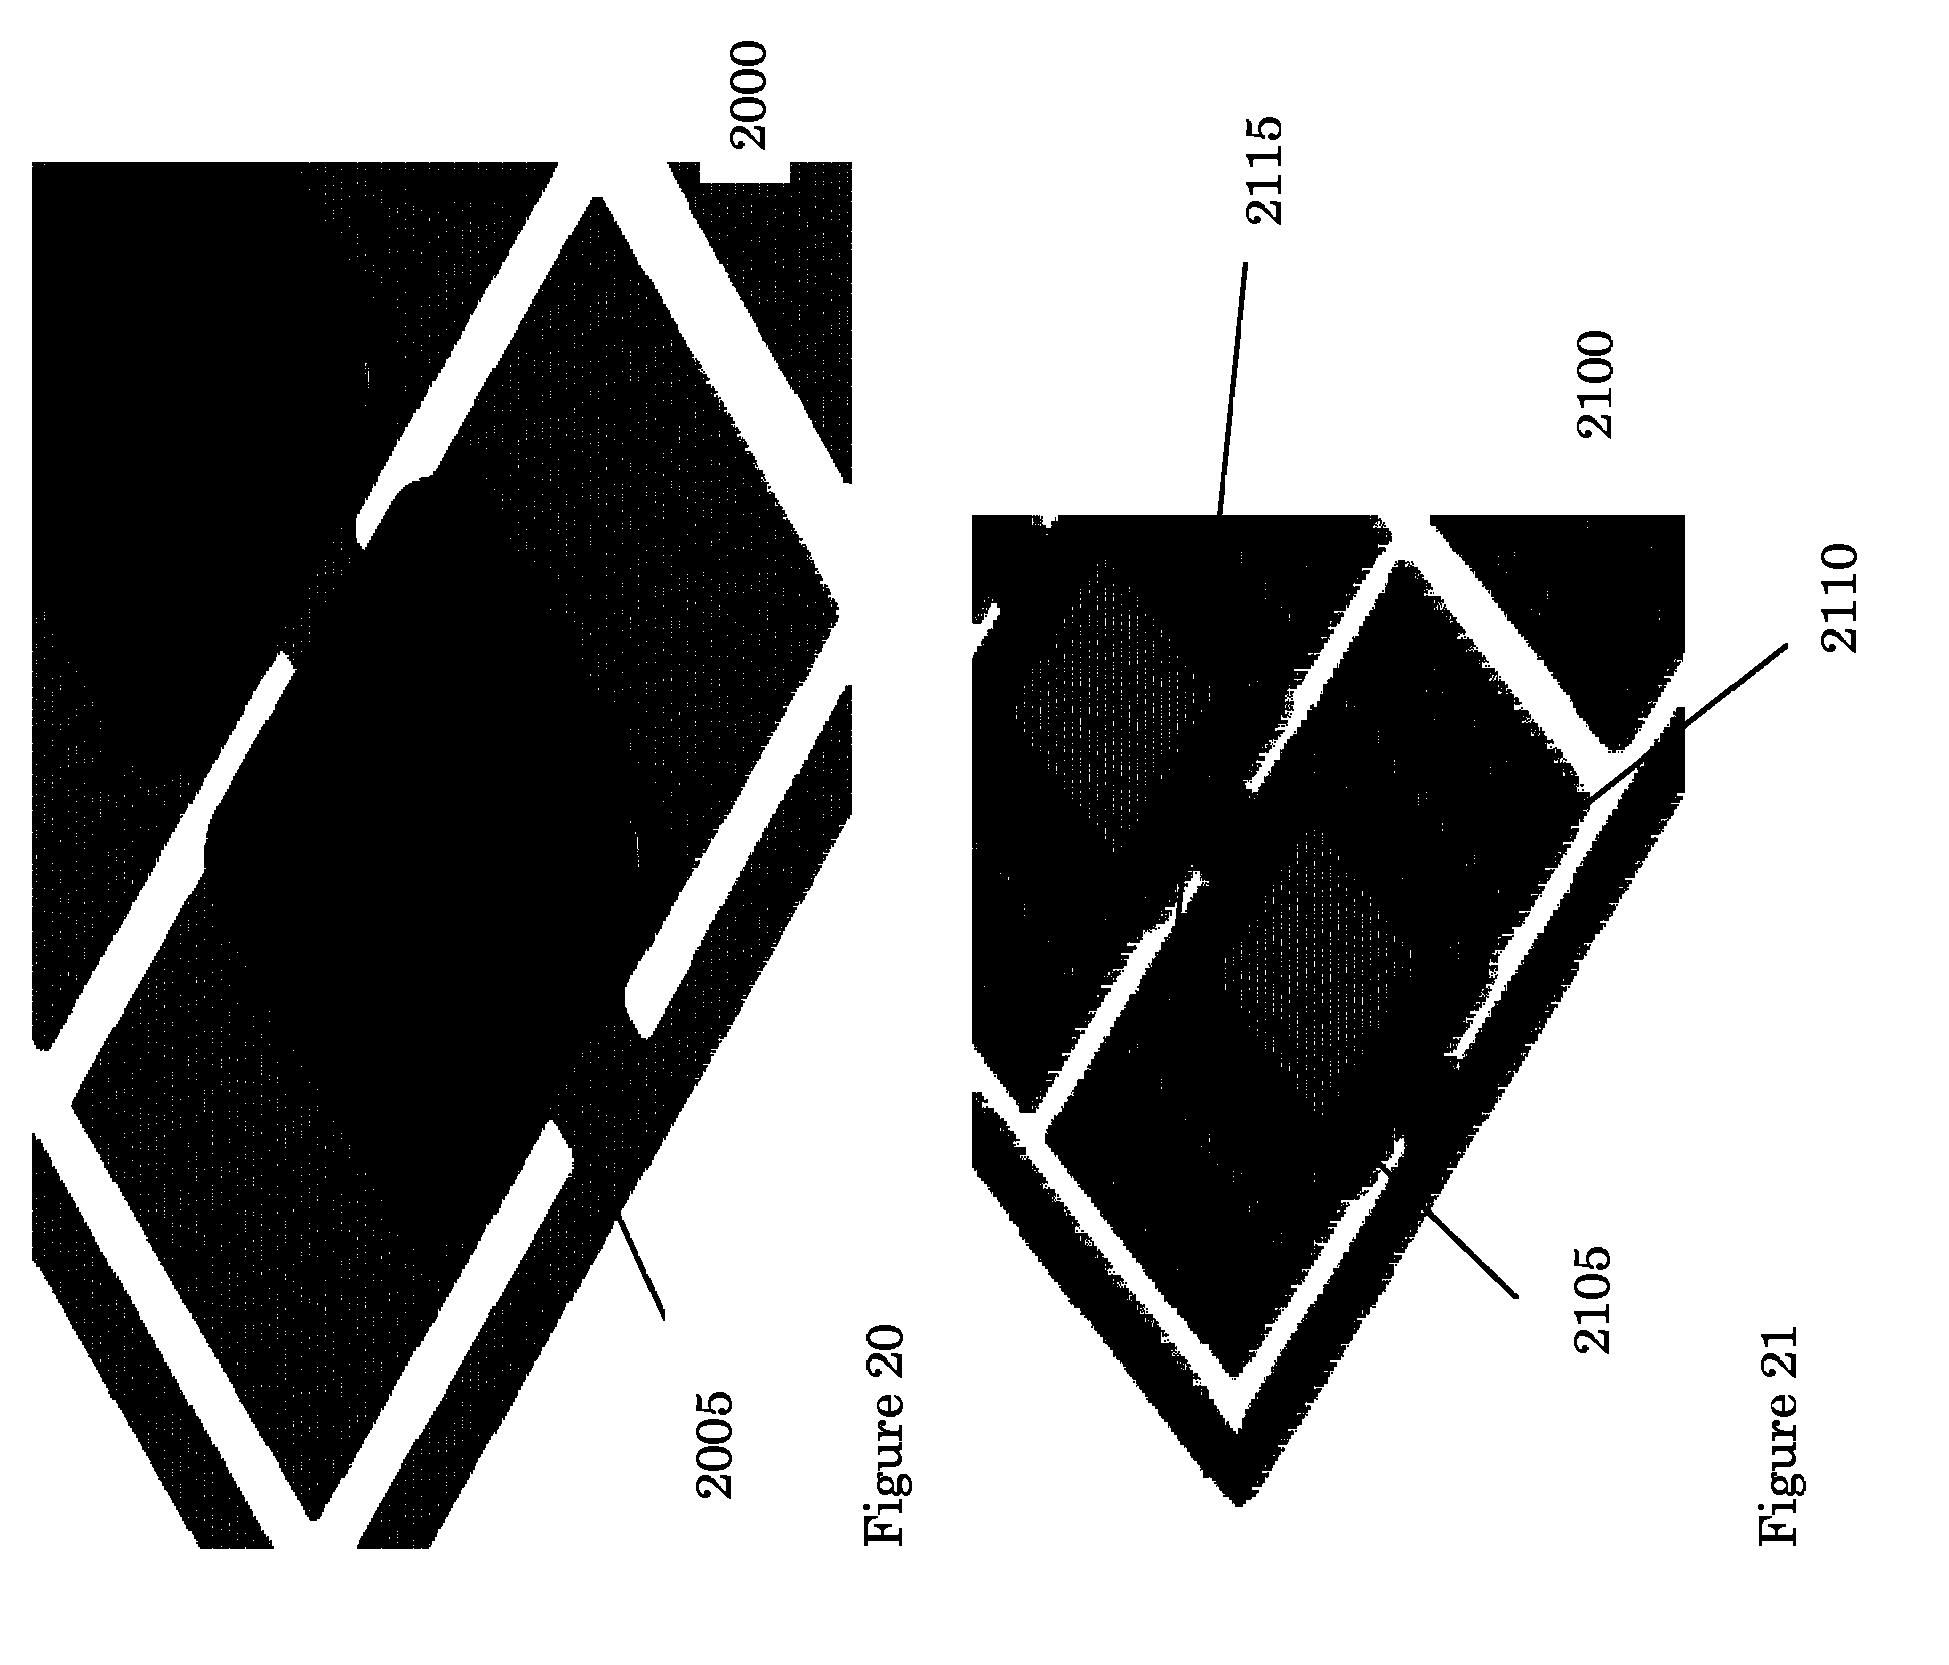 专利ep2575176a2 - folded tape package for